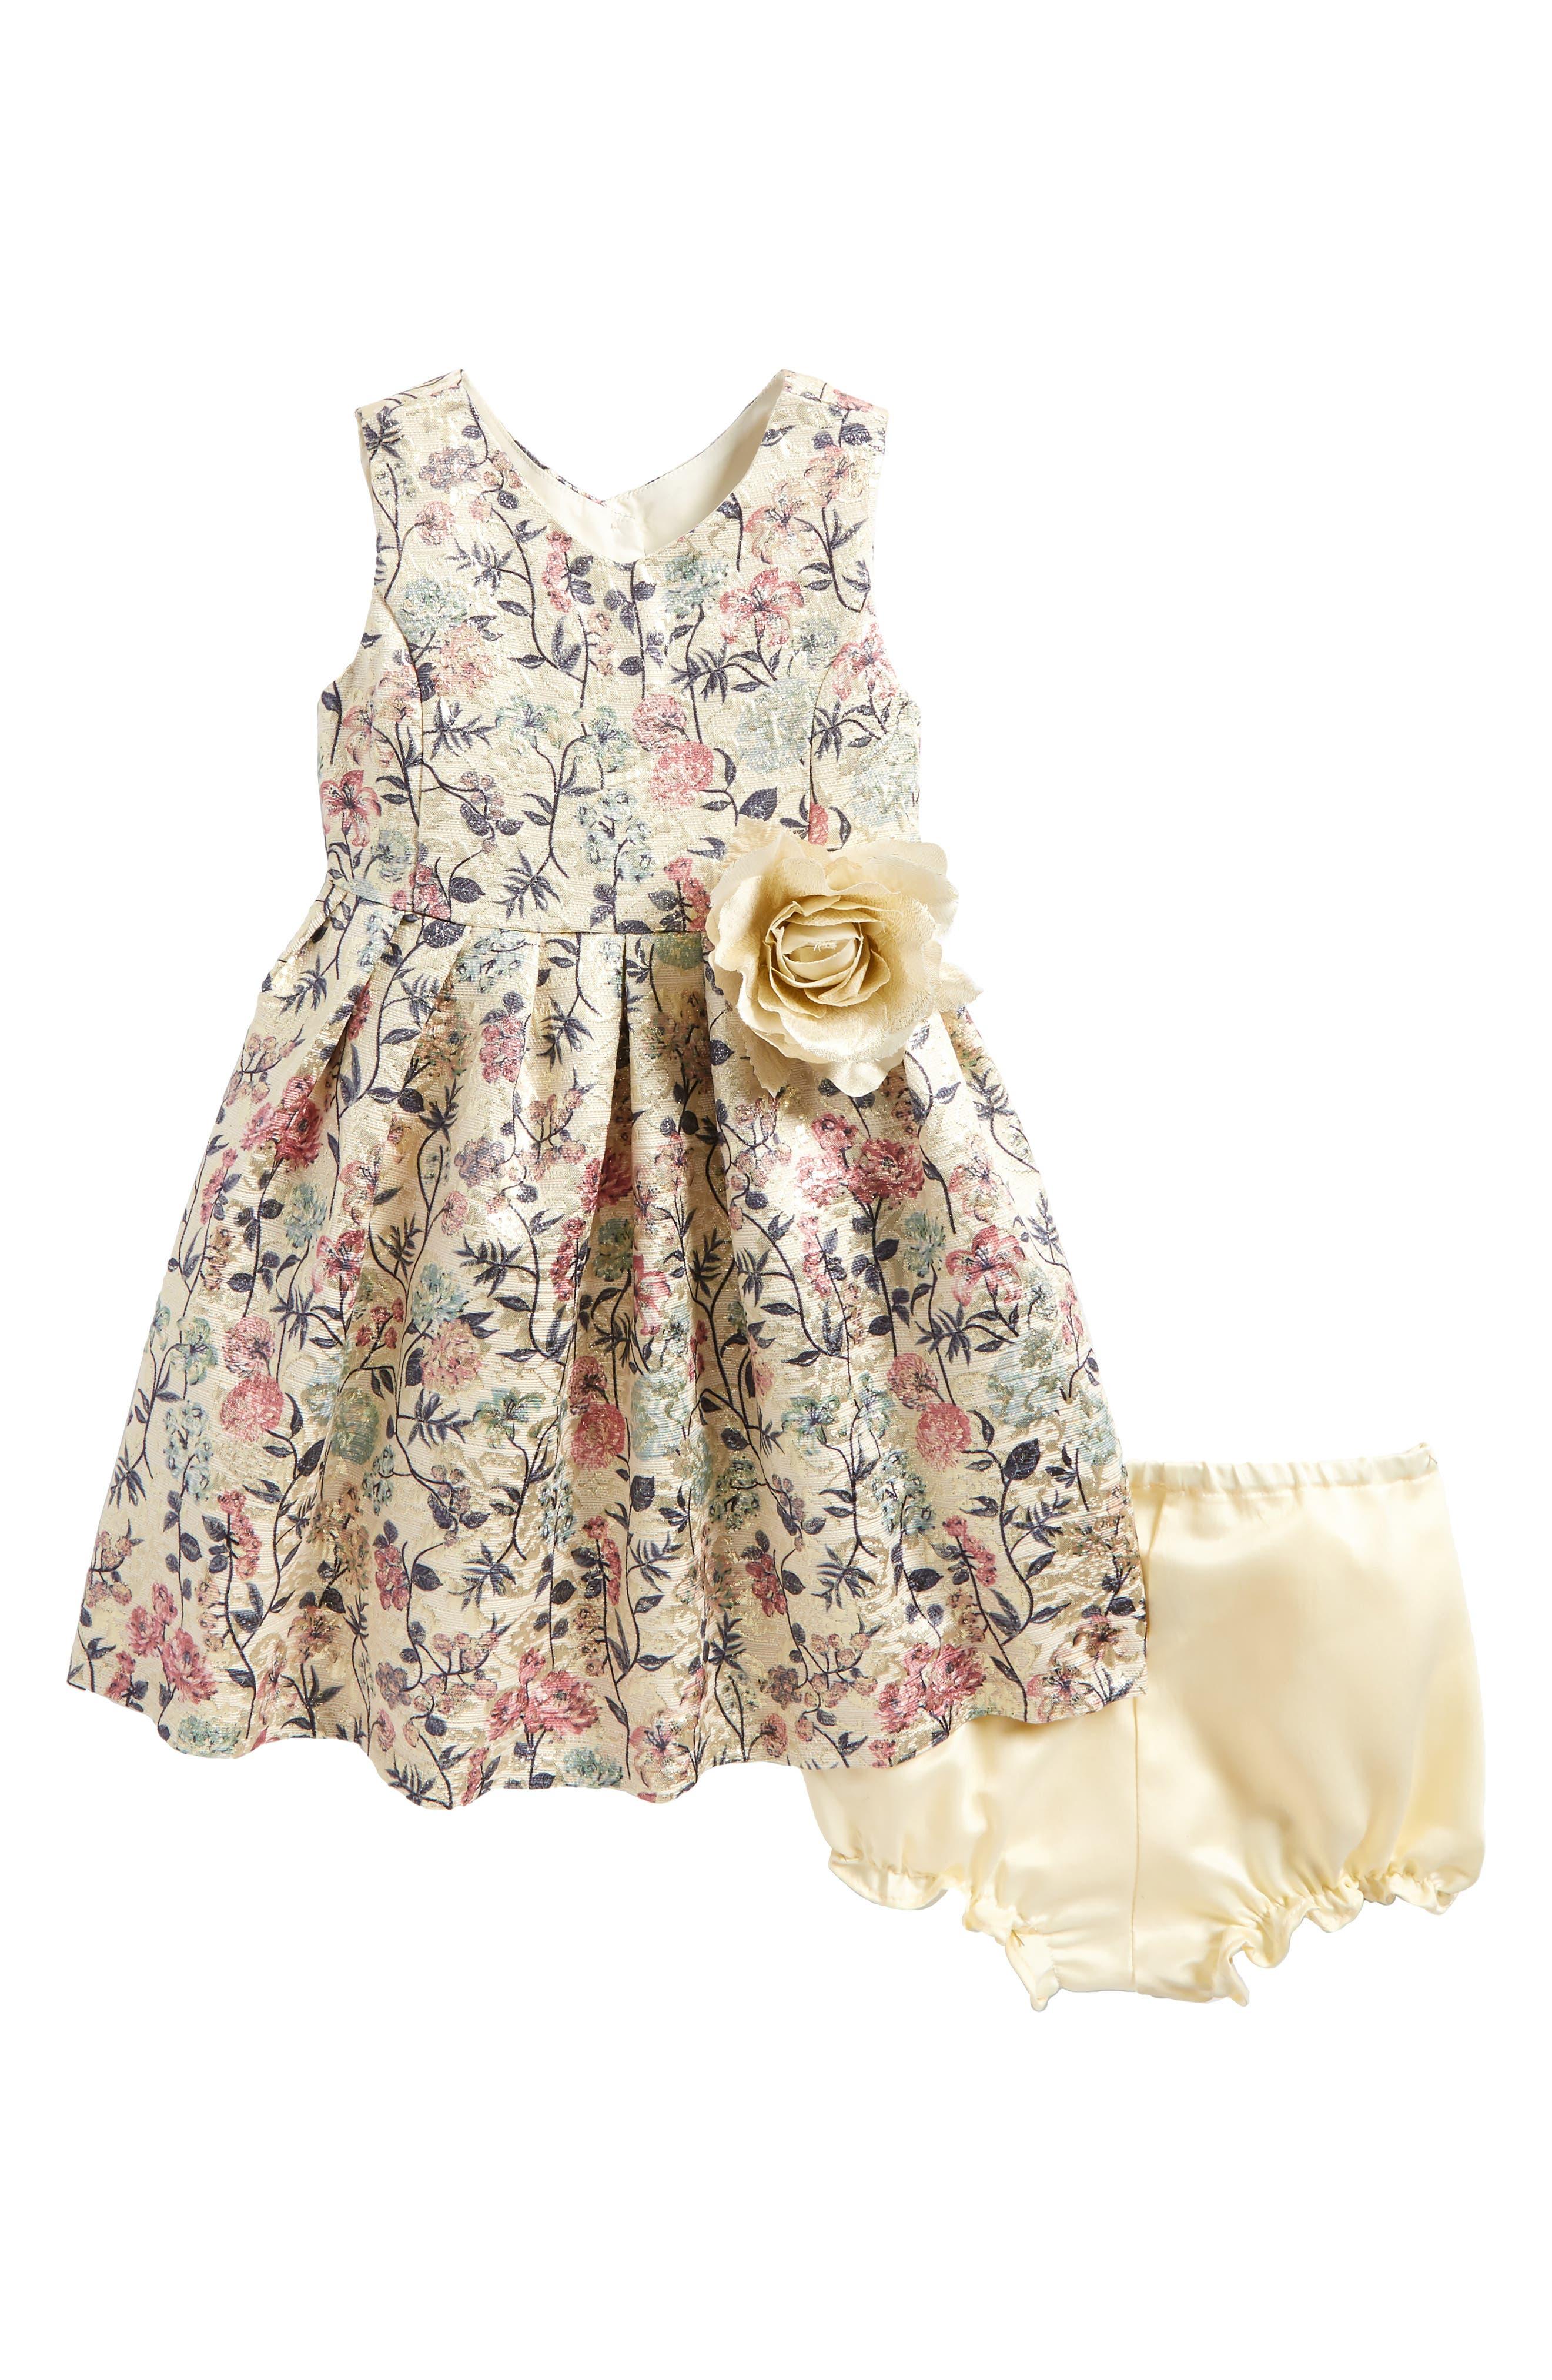 Main Image - Pippa & Julie Metallic Floral Brocade Dress (Baby Girls)